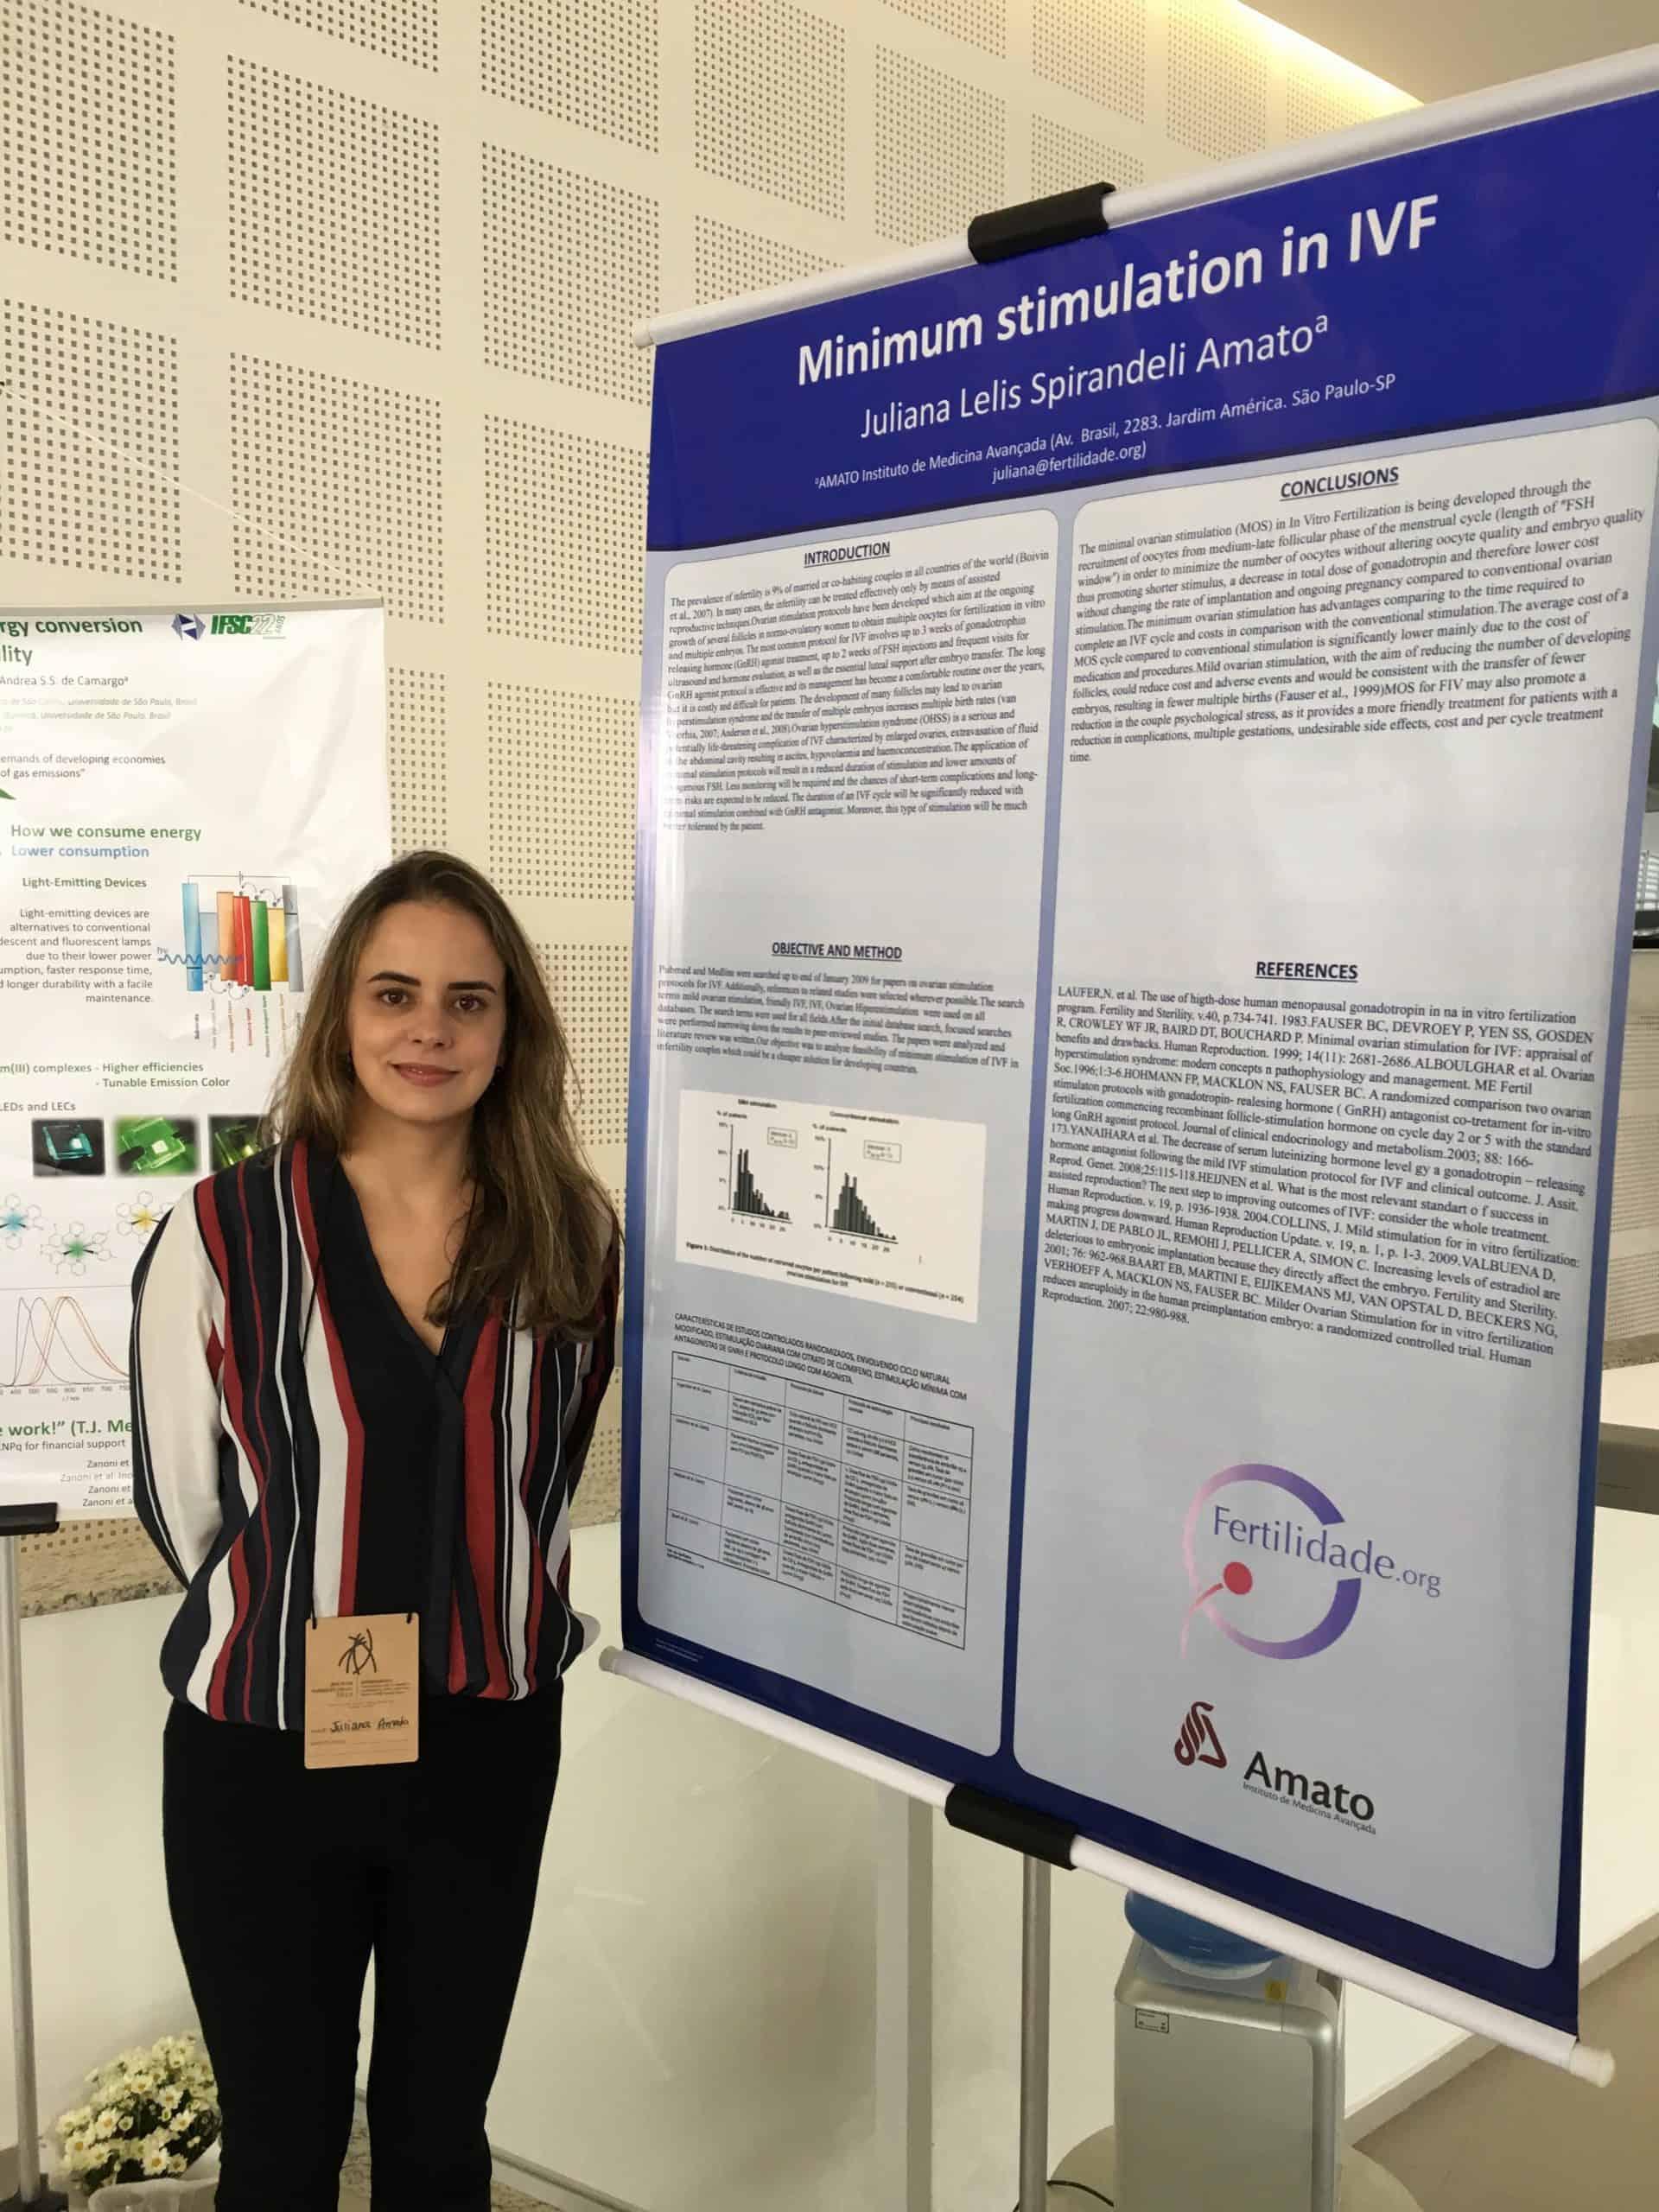 Minimum stimulation in IVF